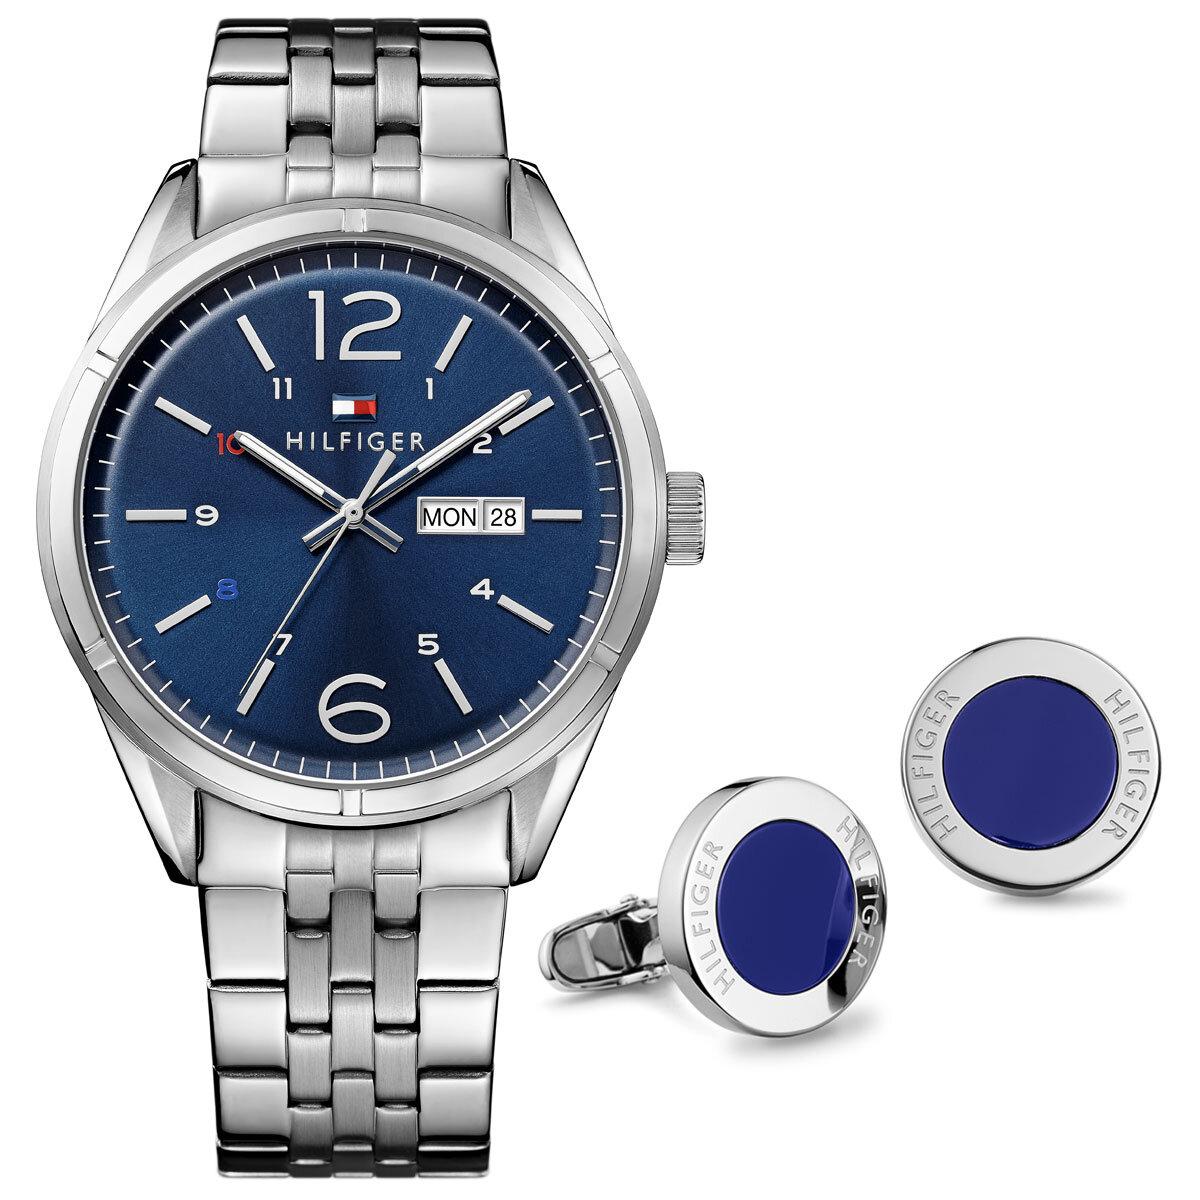 TH2770023 Erkek Set Kol Saati ve Kol Düğmesi